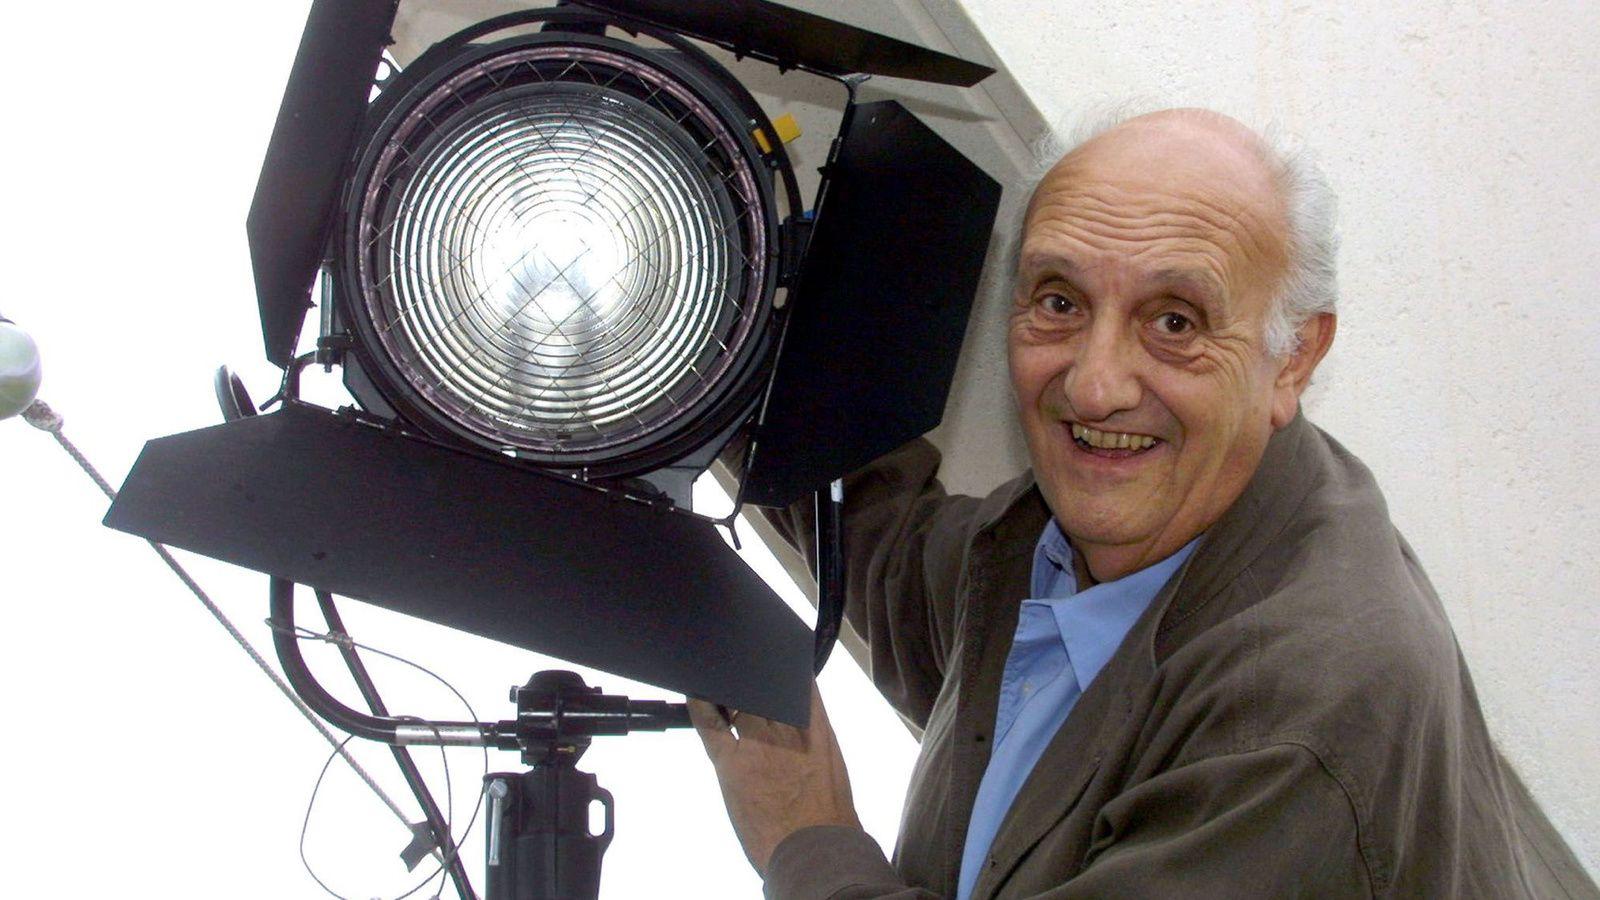 MONSIEUR CINÉMA nous a quitté Pierre TCHERNIA est décédé à 88 ans